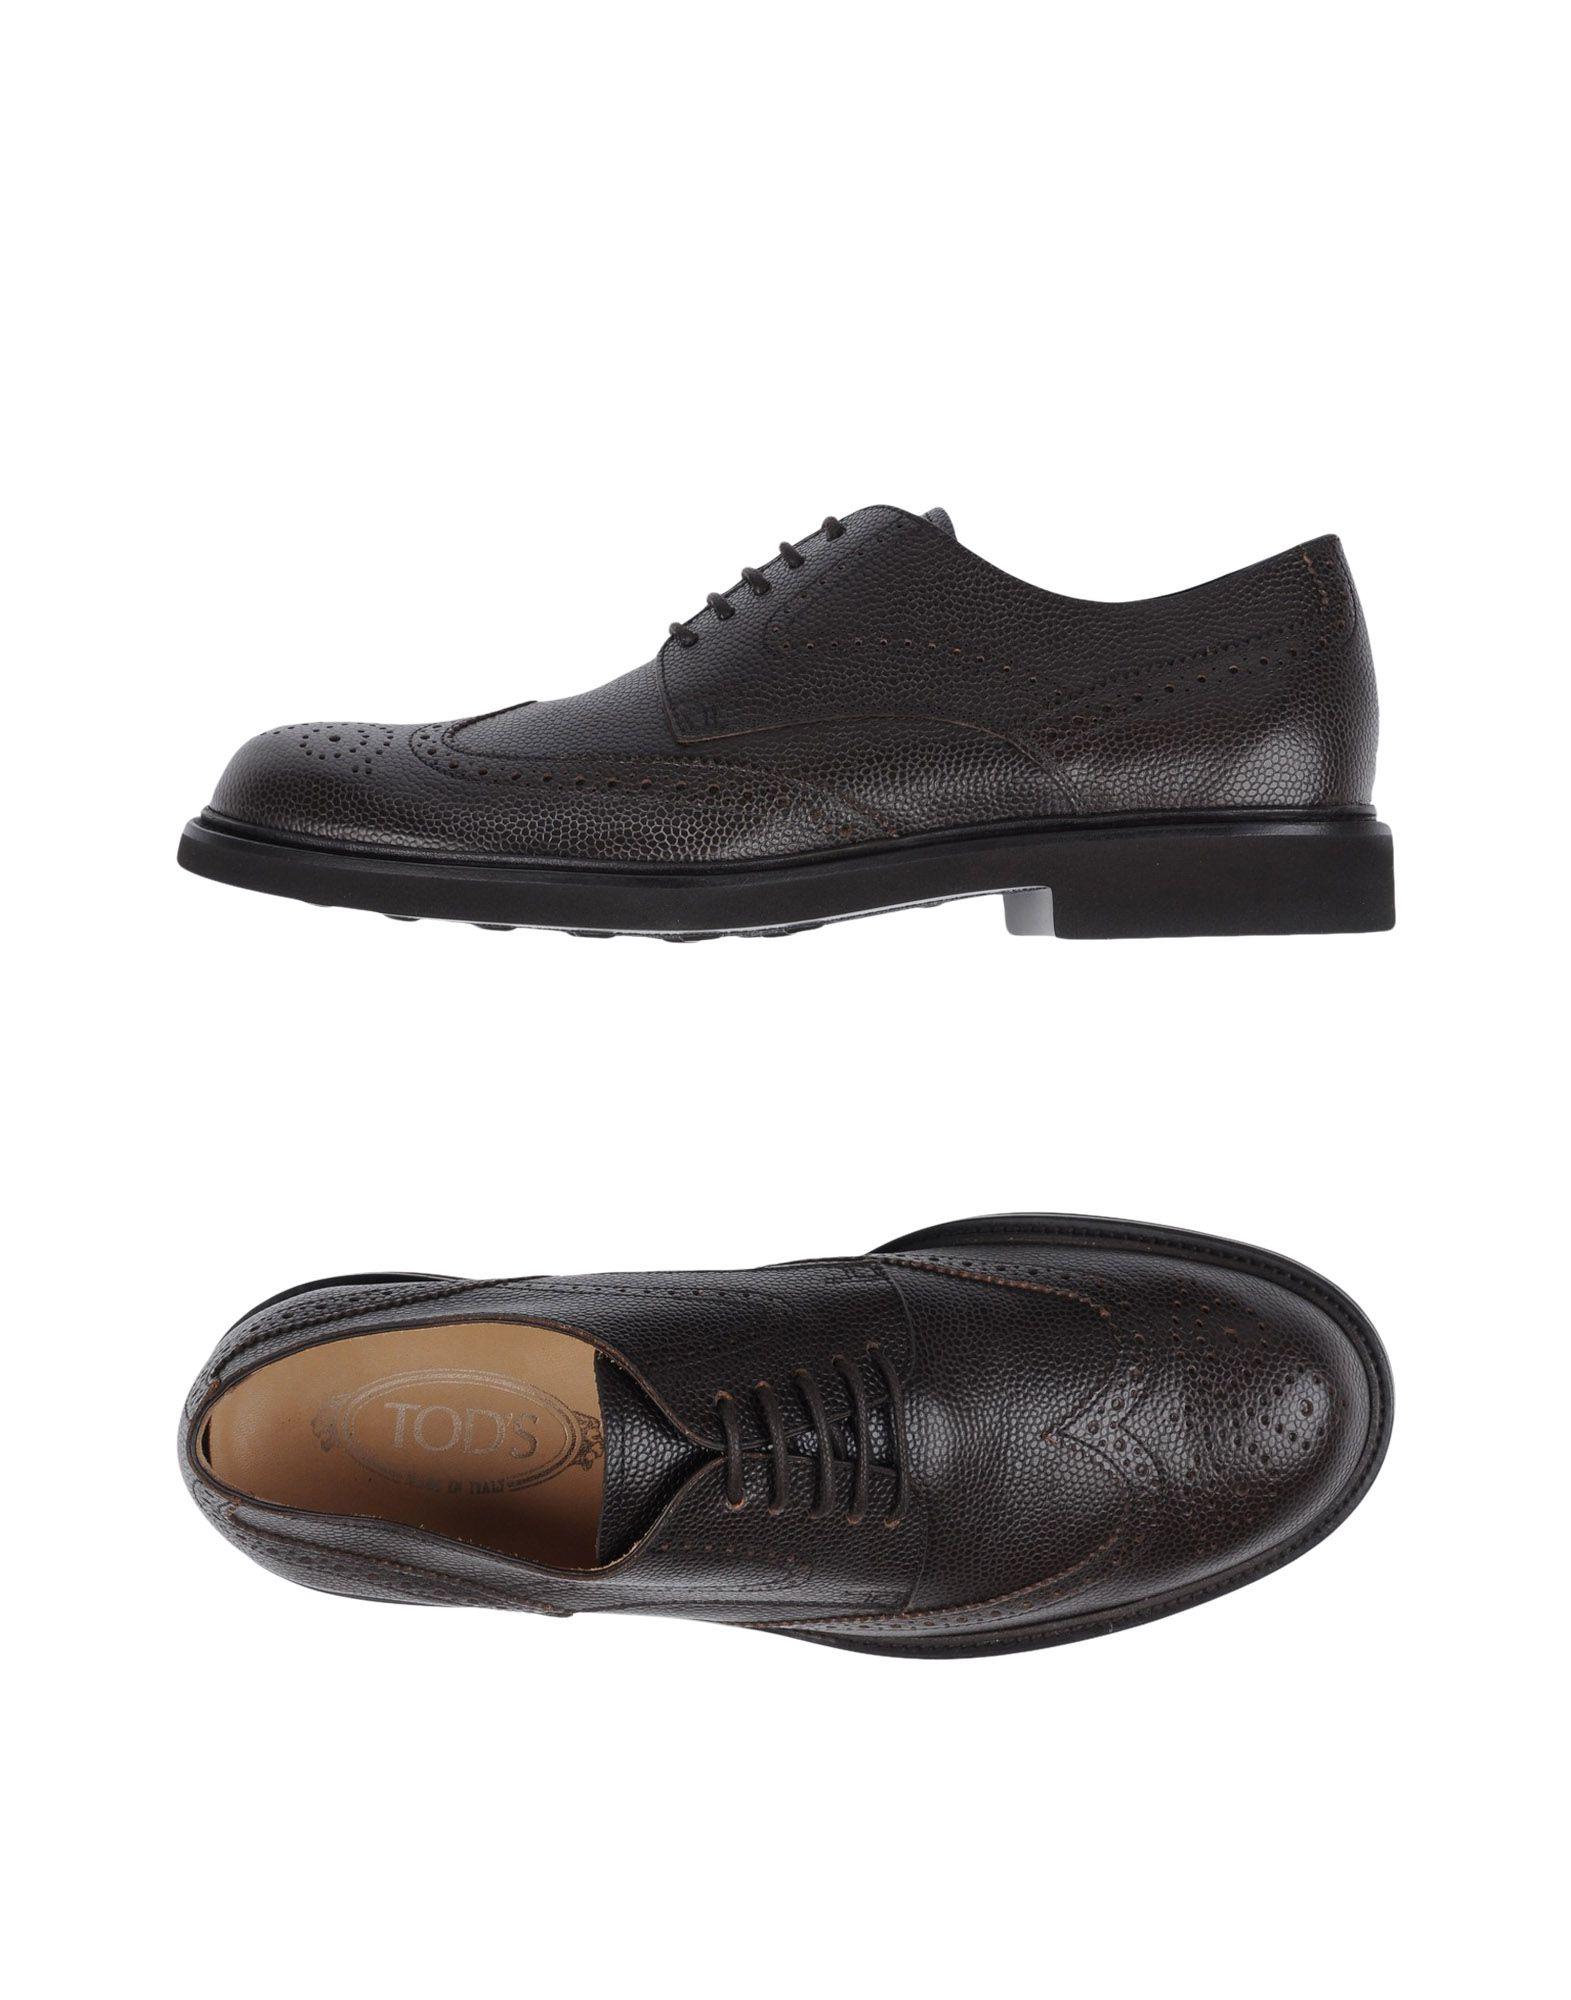 Tod's Schnürschuhe Herren  11284345BF Gute Qualität beliebte Schuhe